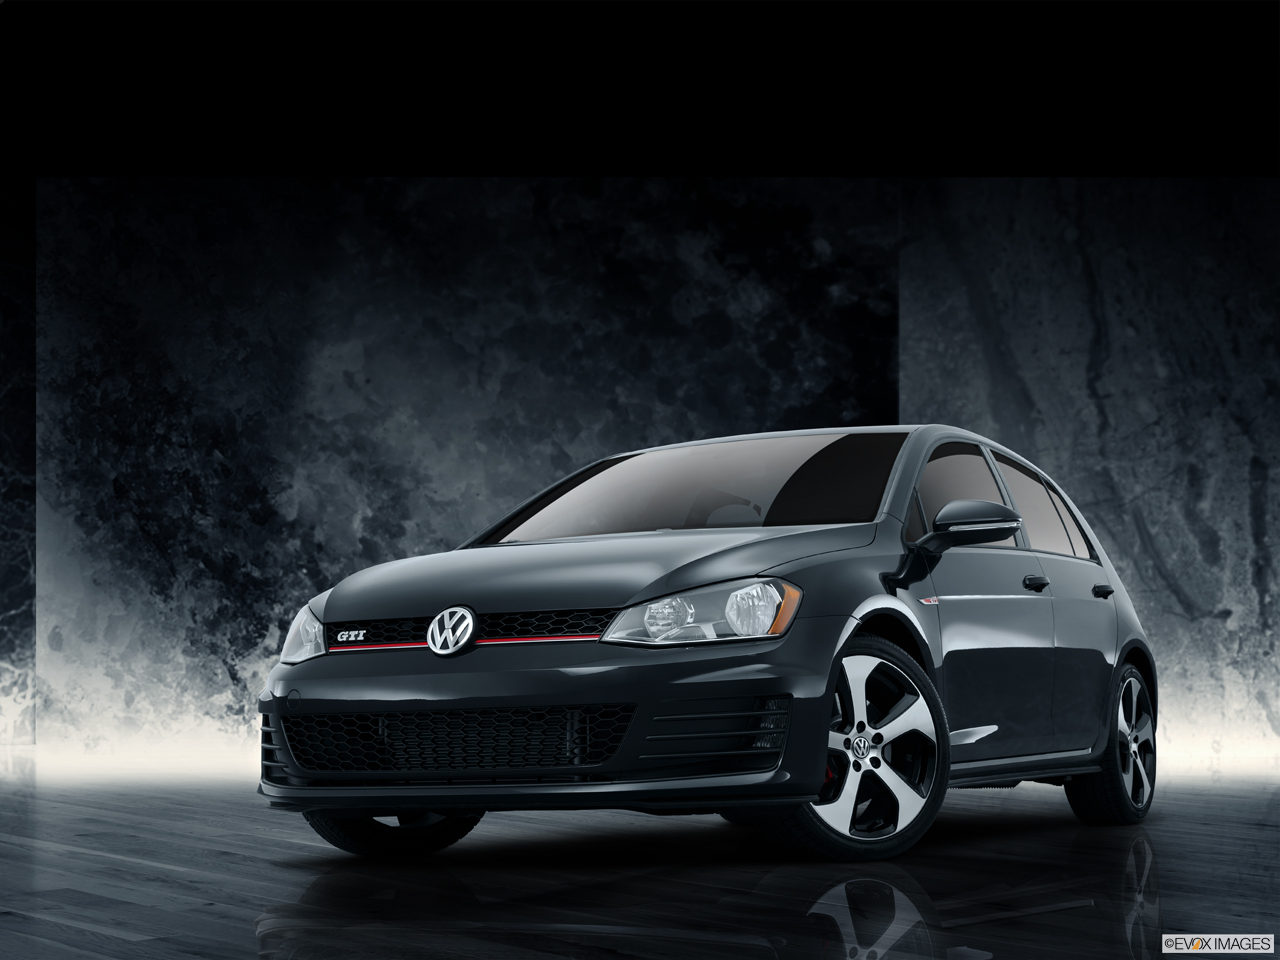 2015 Volkswagen Golf GTI 5 Door Performance from 35190 Choose a Trim 1280x960